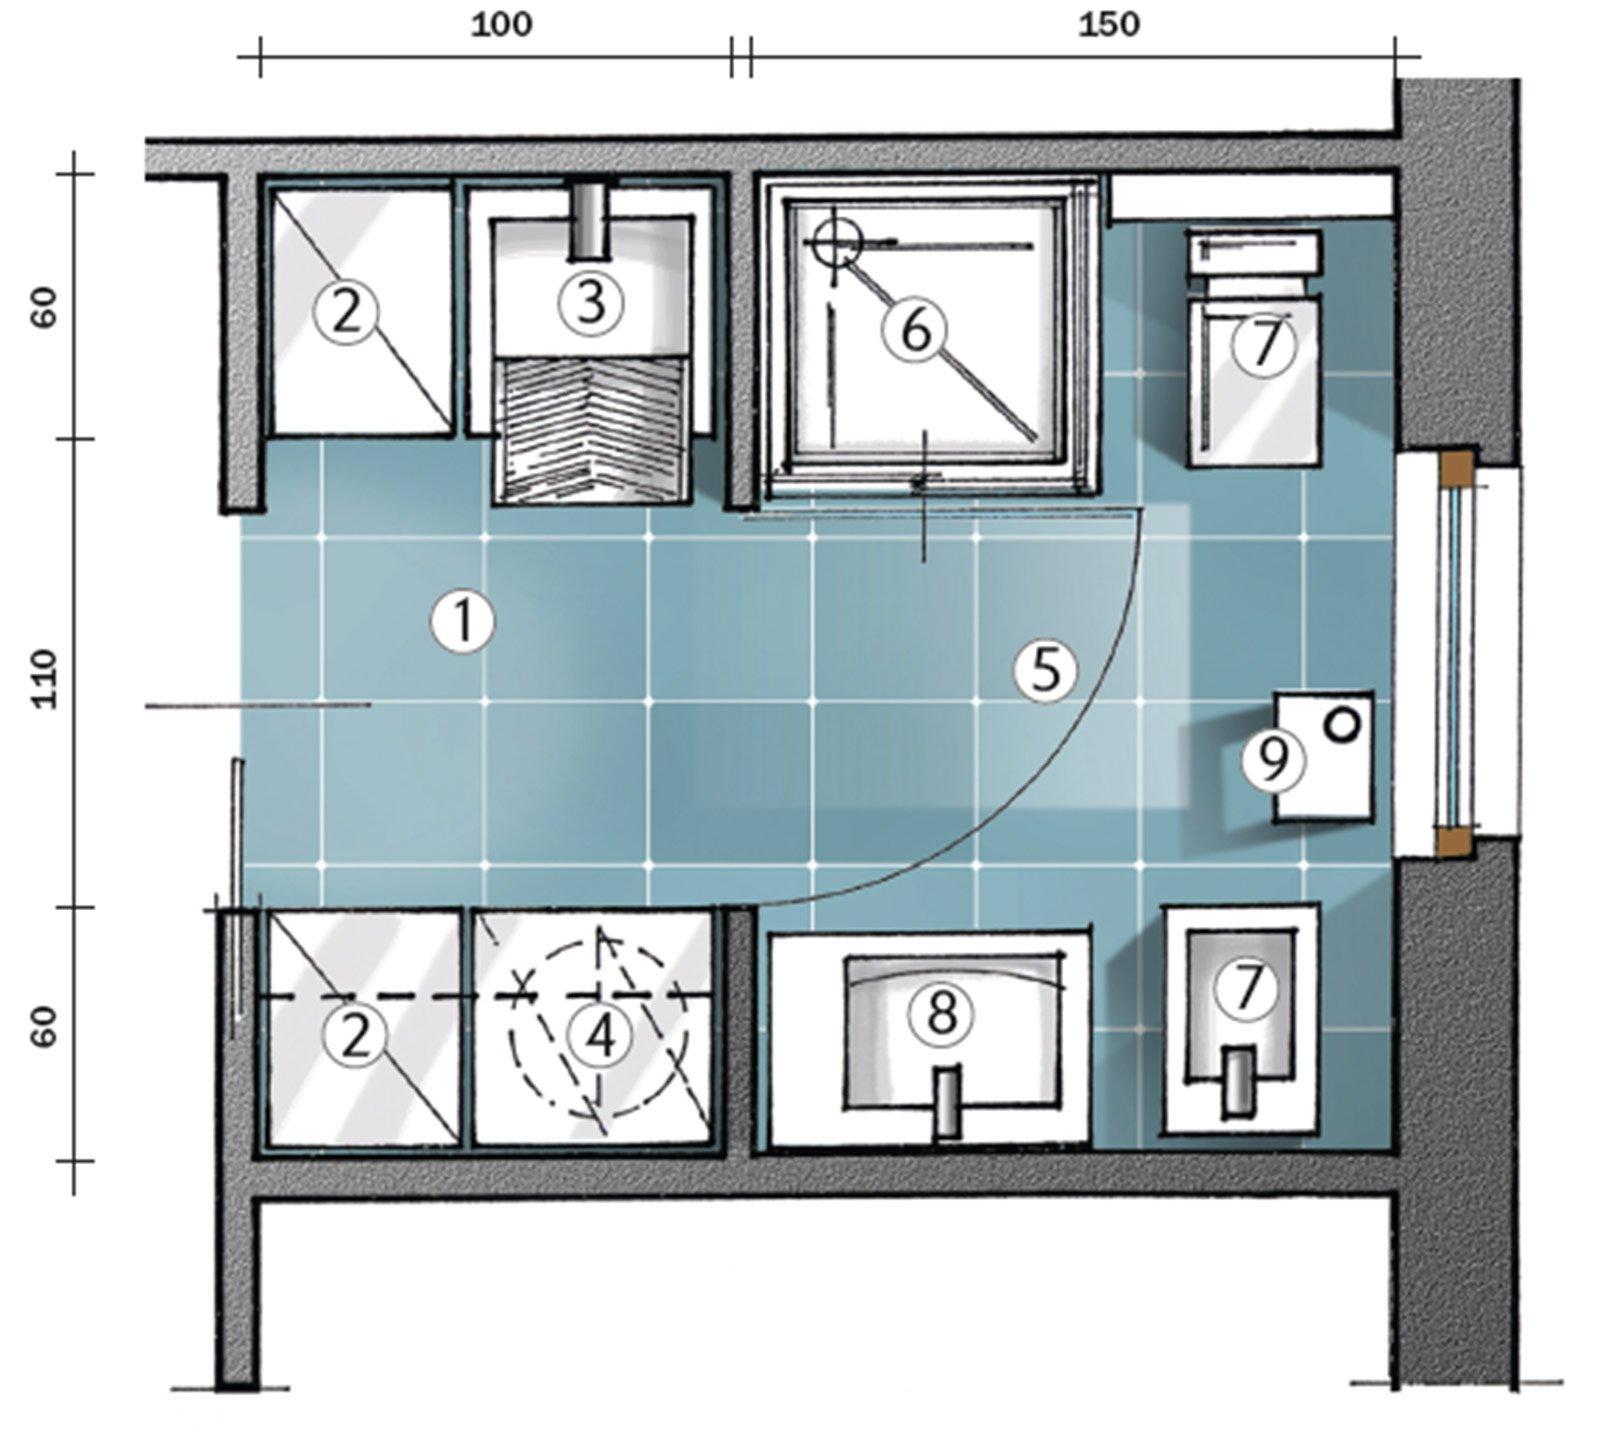 L 39 antibagno che fa da lavanderia cose di casa - Progetto bagno piccolo idee ...